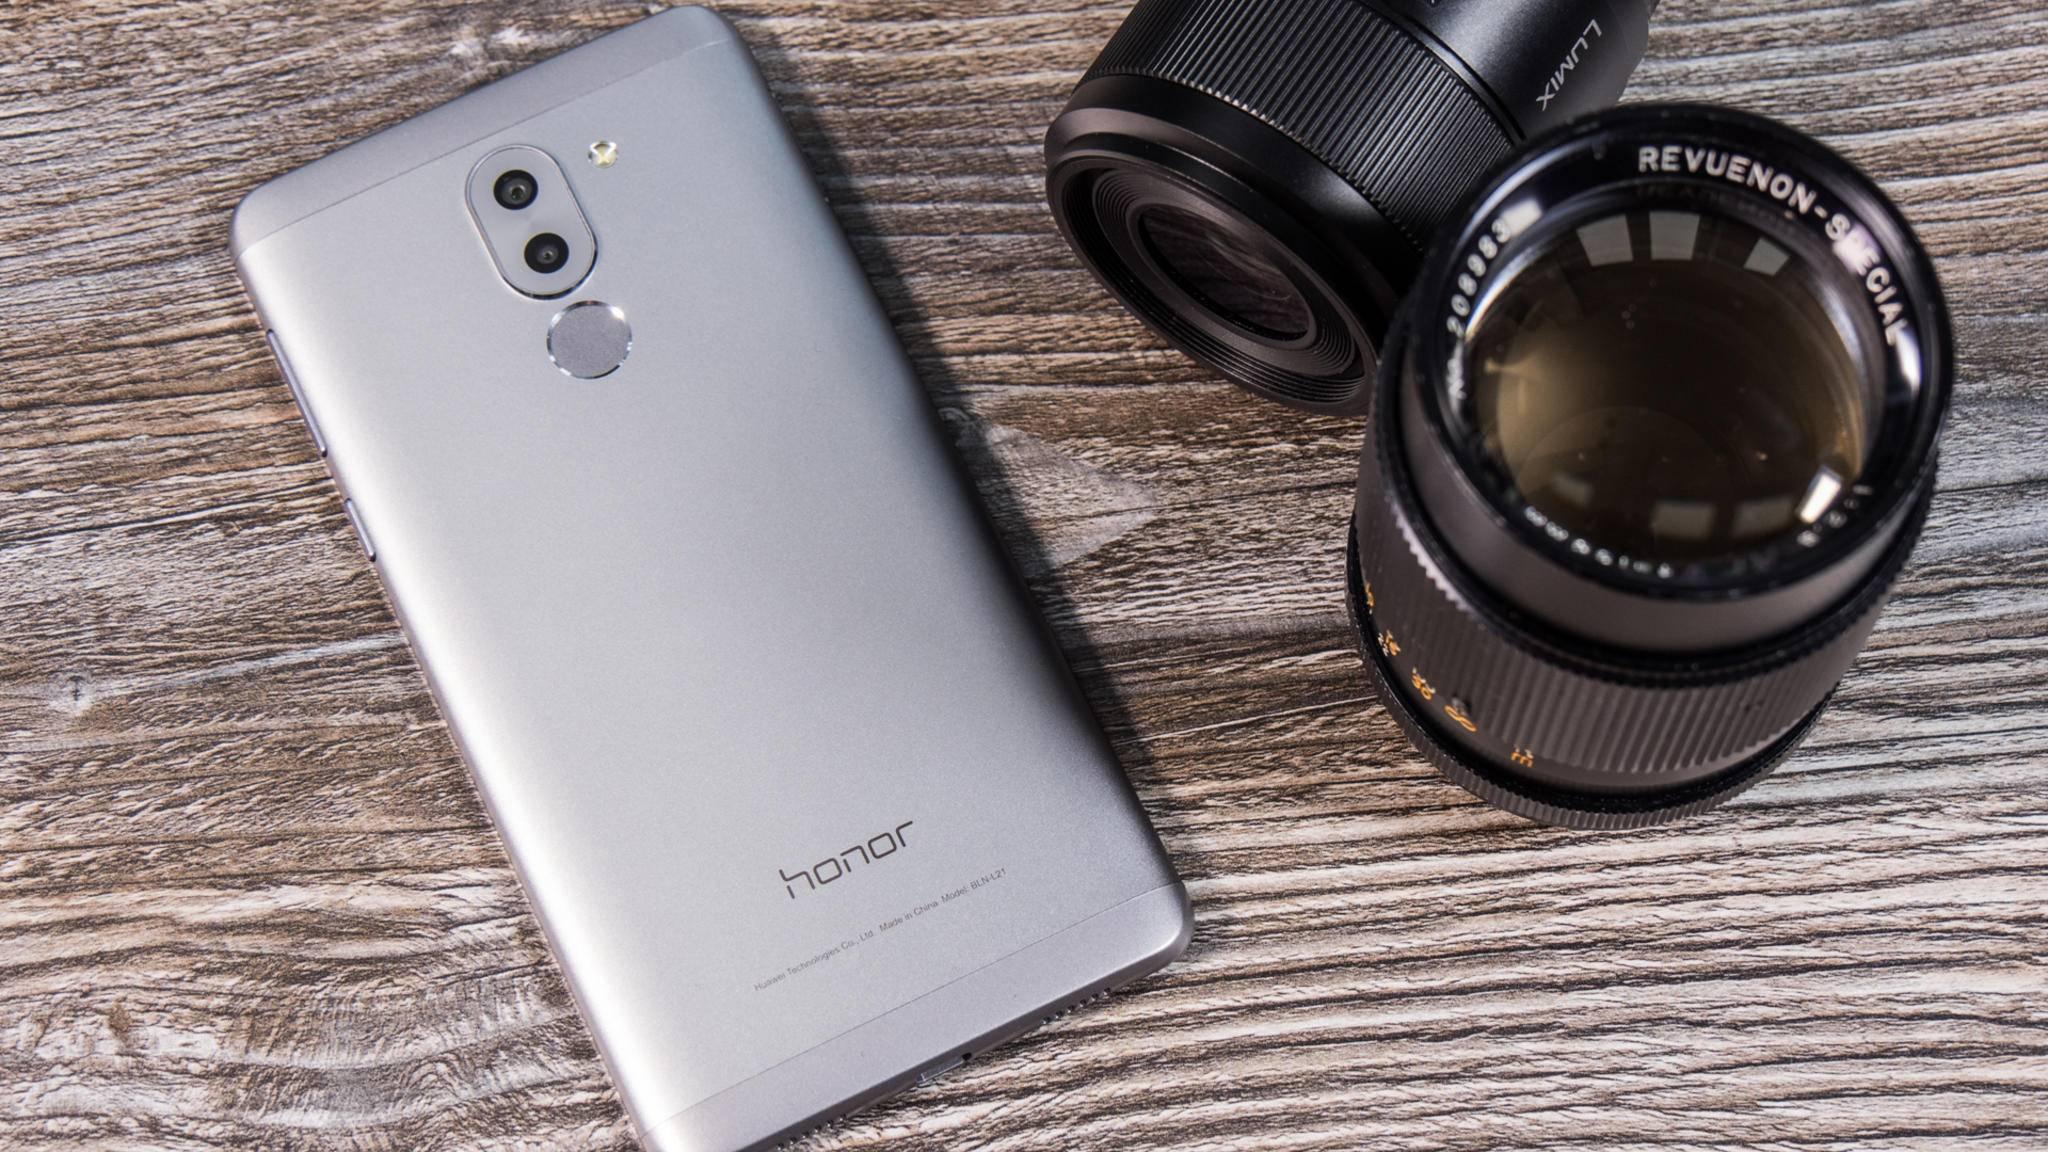 Der Nachfolger des Honor 6X soll eine bessere Dual-Kamera haben.